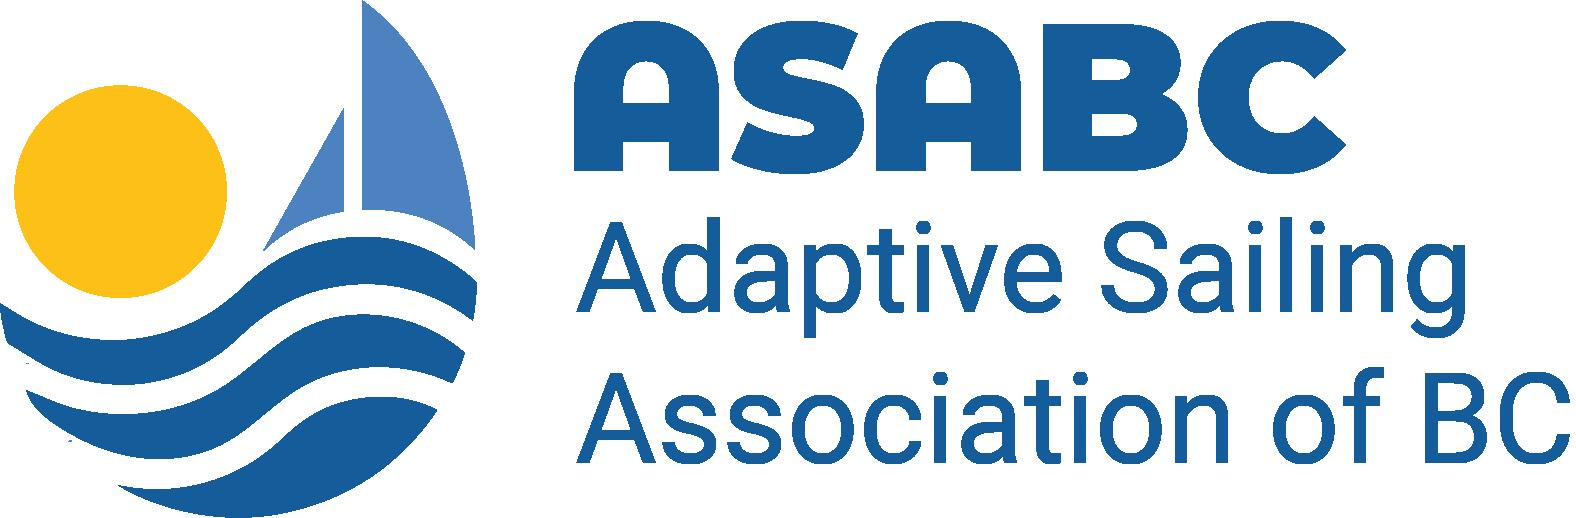 Adaptive Sailing Association of BC